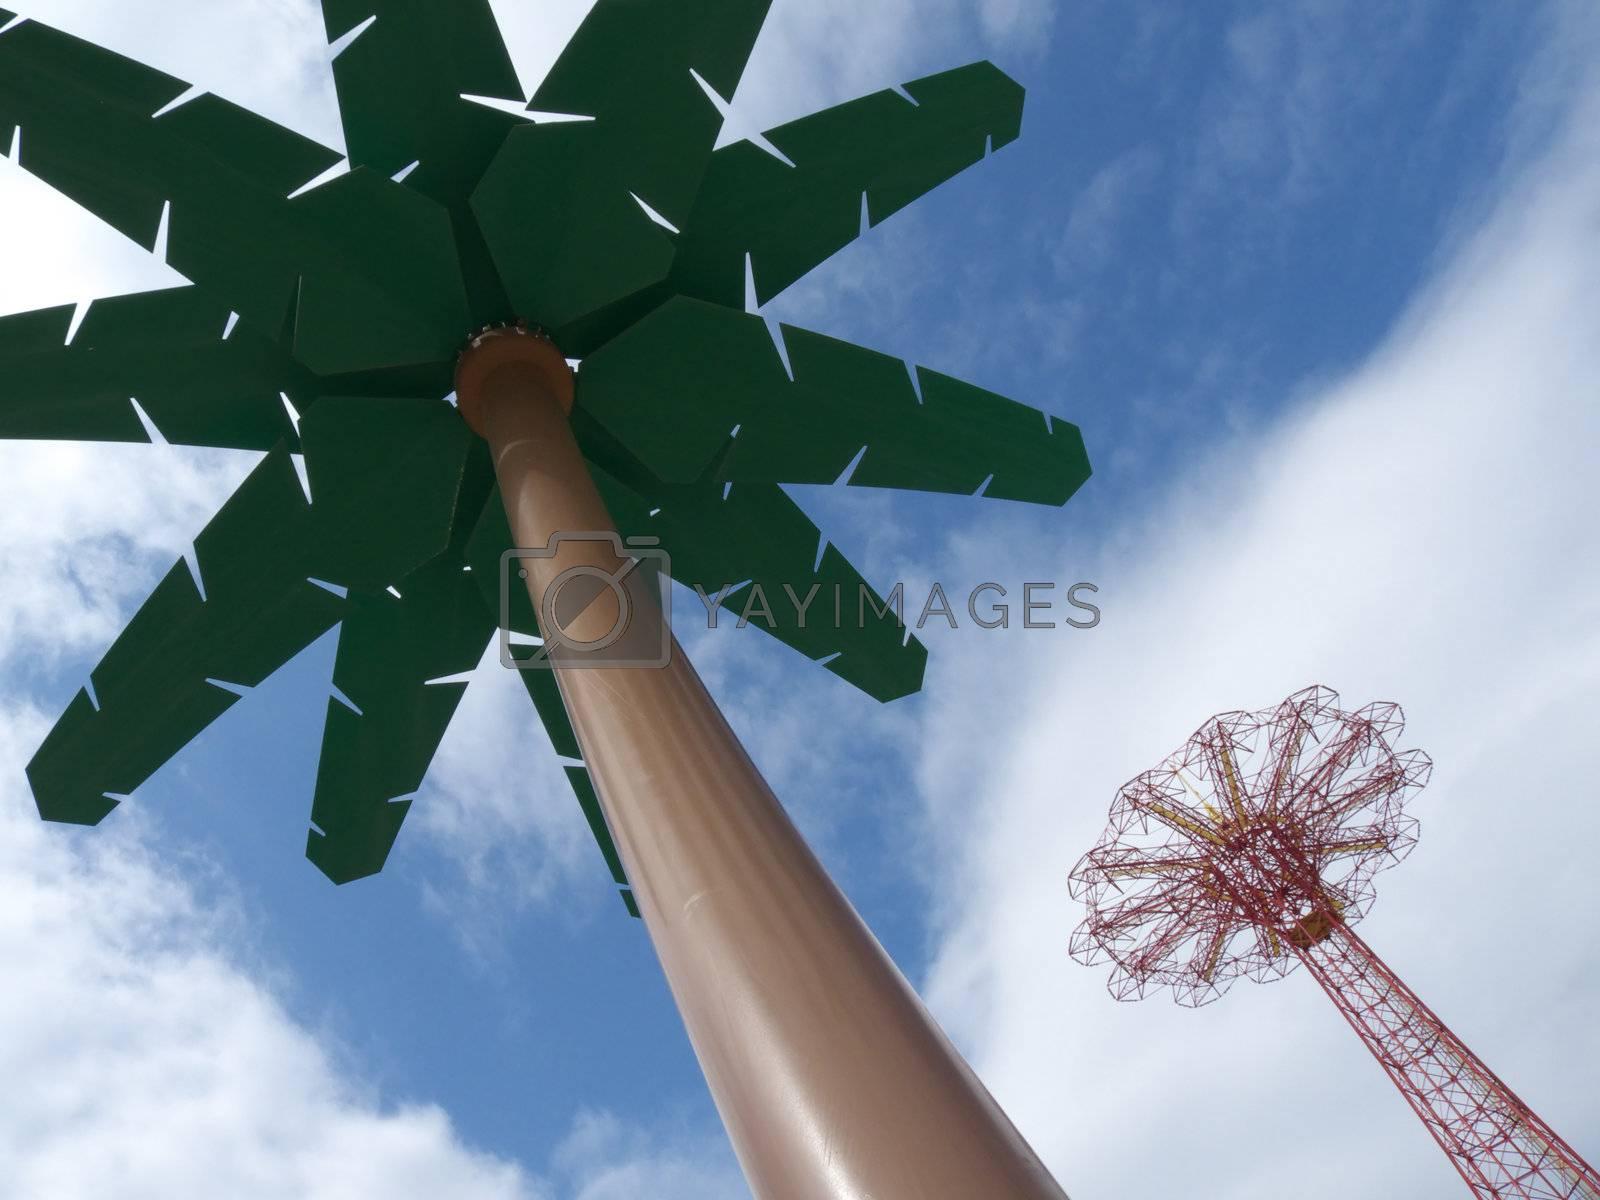 Royalty free image of Parachute by Jule_Berlin